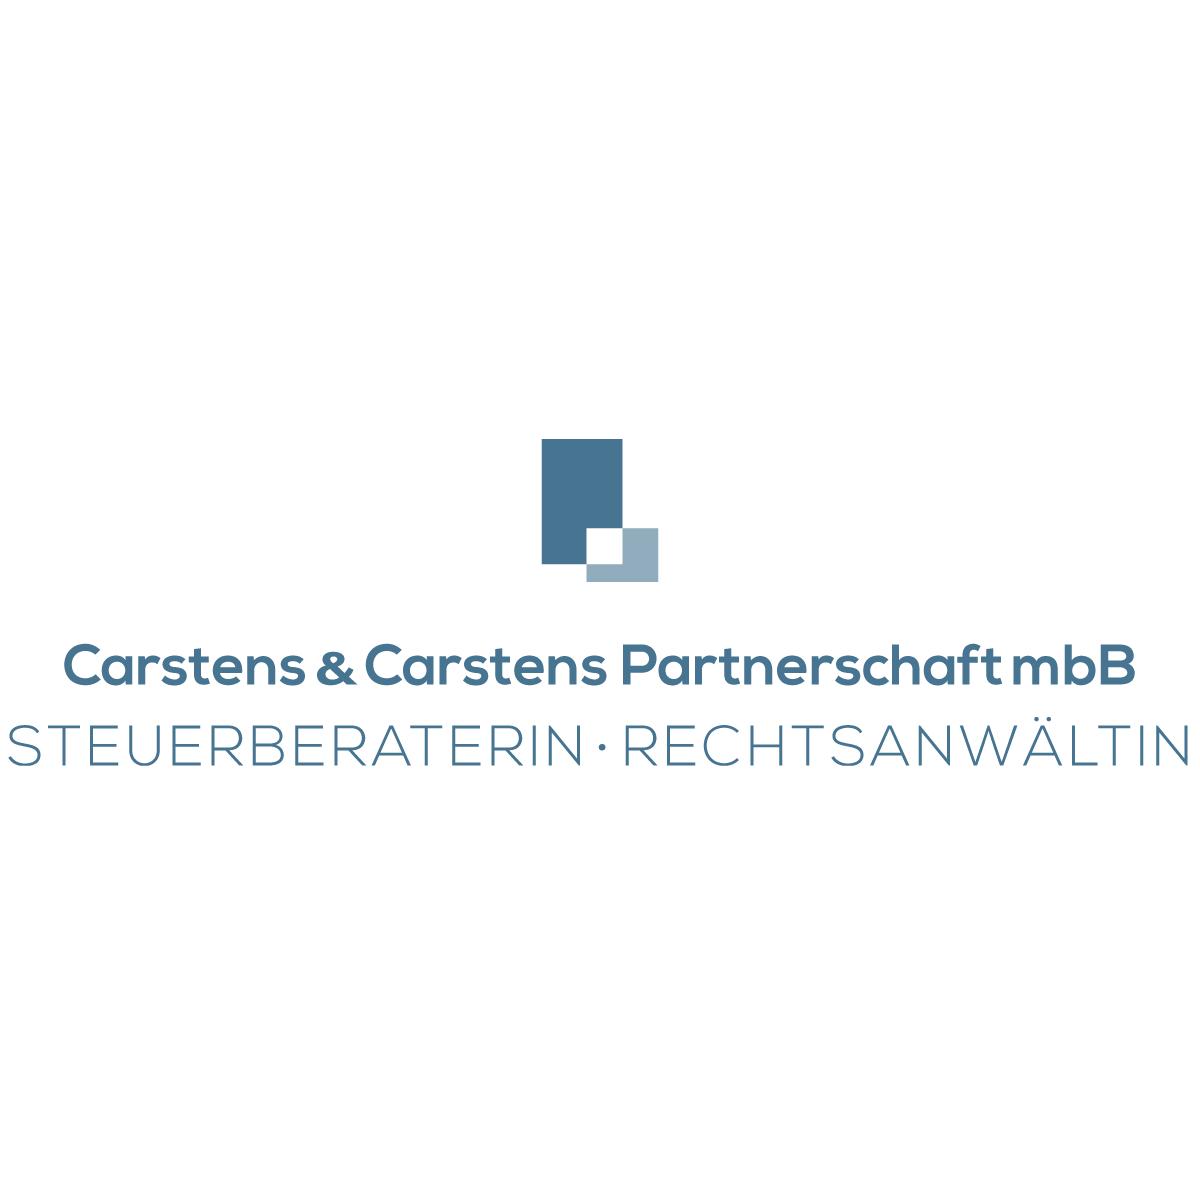 Bild zu Carstens & Carstens Partnerschaft mbB in Quickborn Kreis Pinneberg